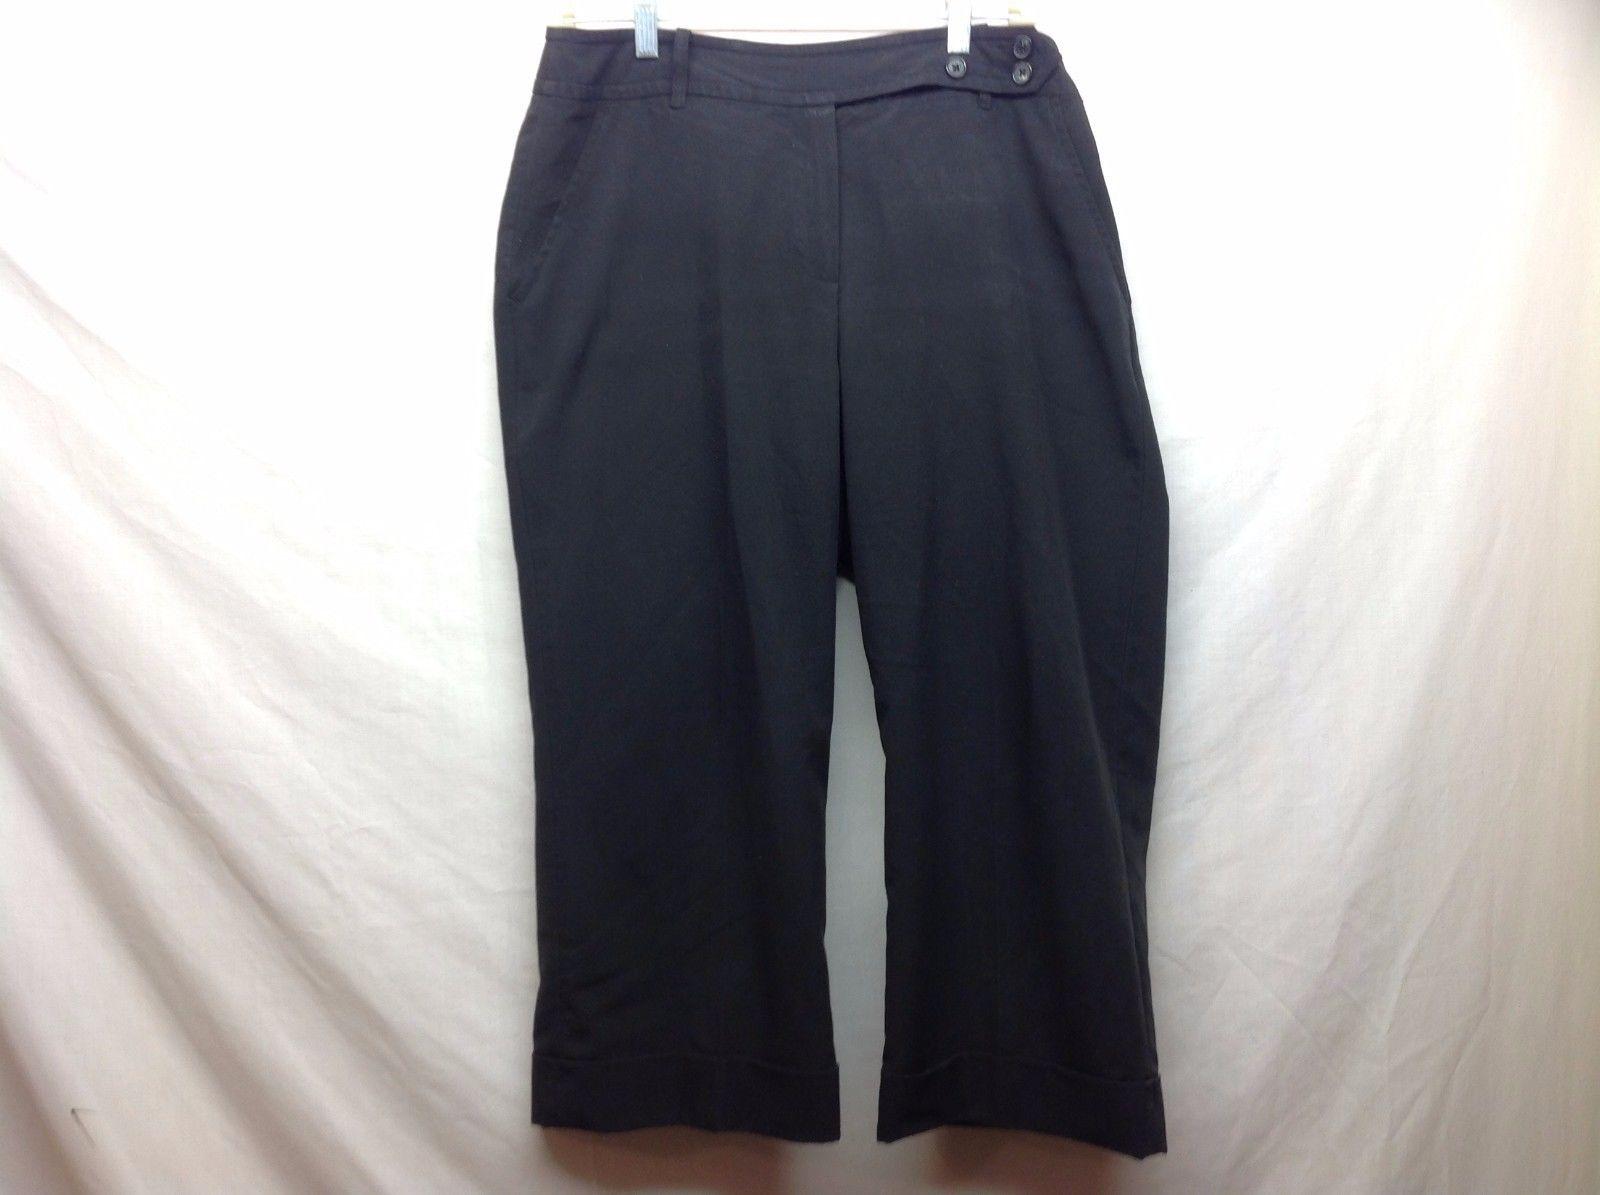 Larry Levine Stretch Ladies Black Casual Pants Sz 12